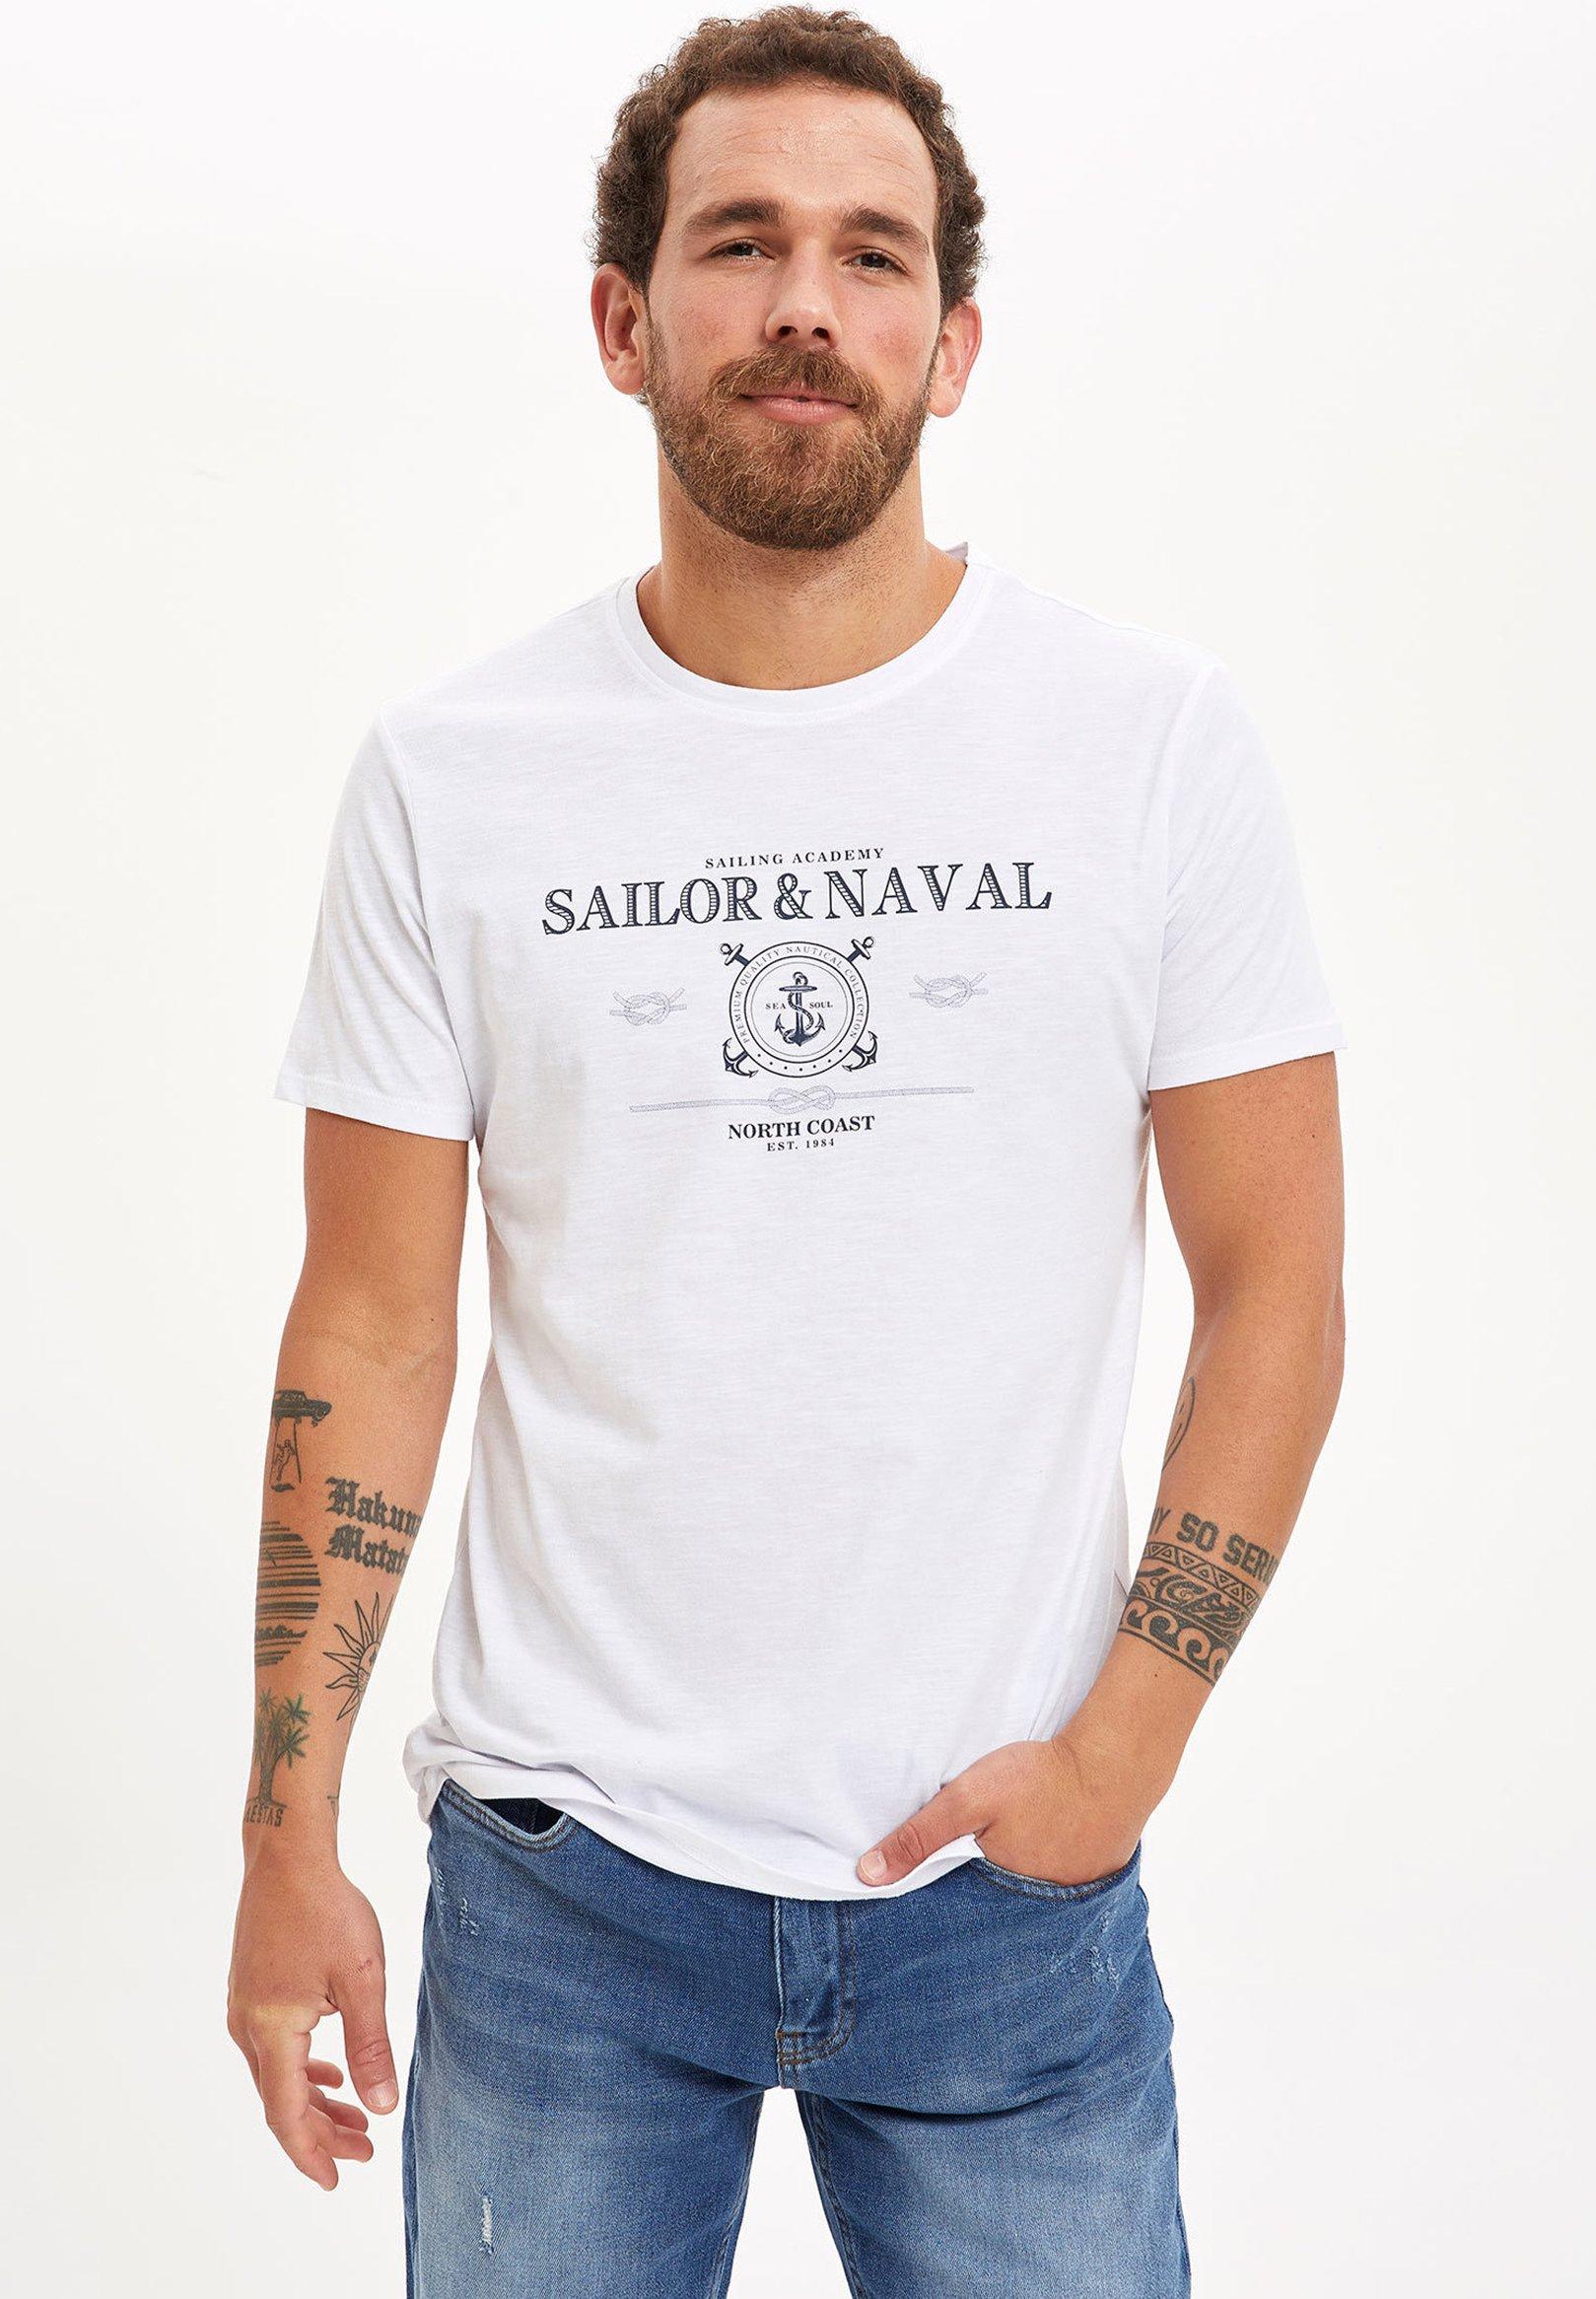 DeFacto Print T-shirt - white Ykg44